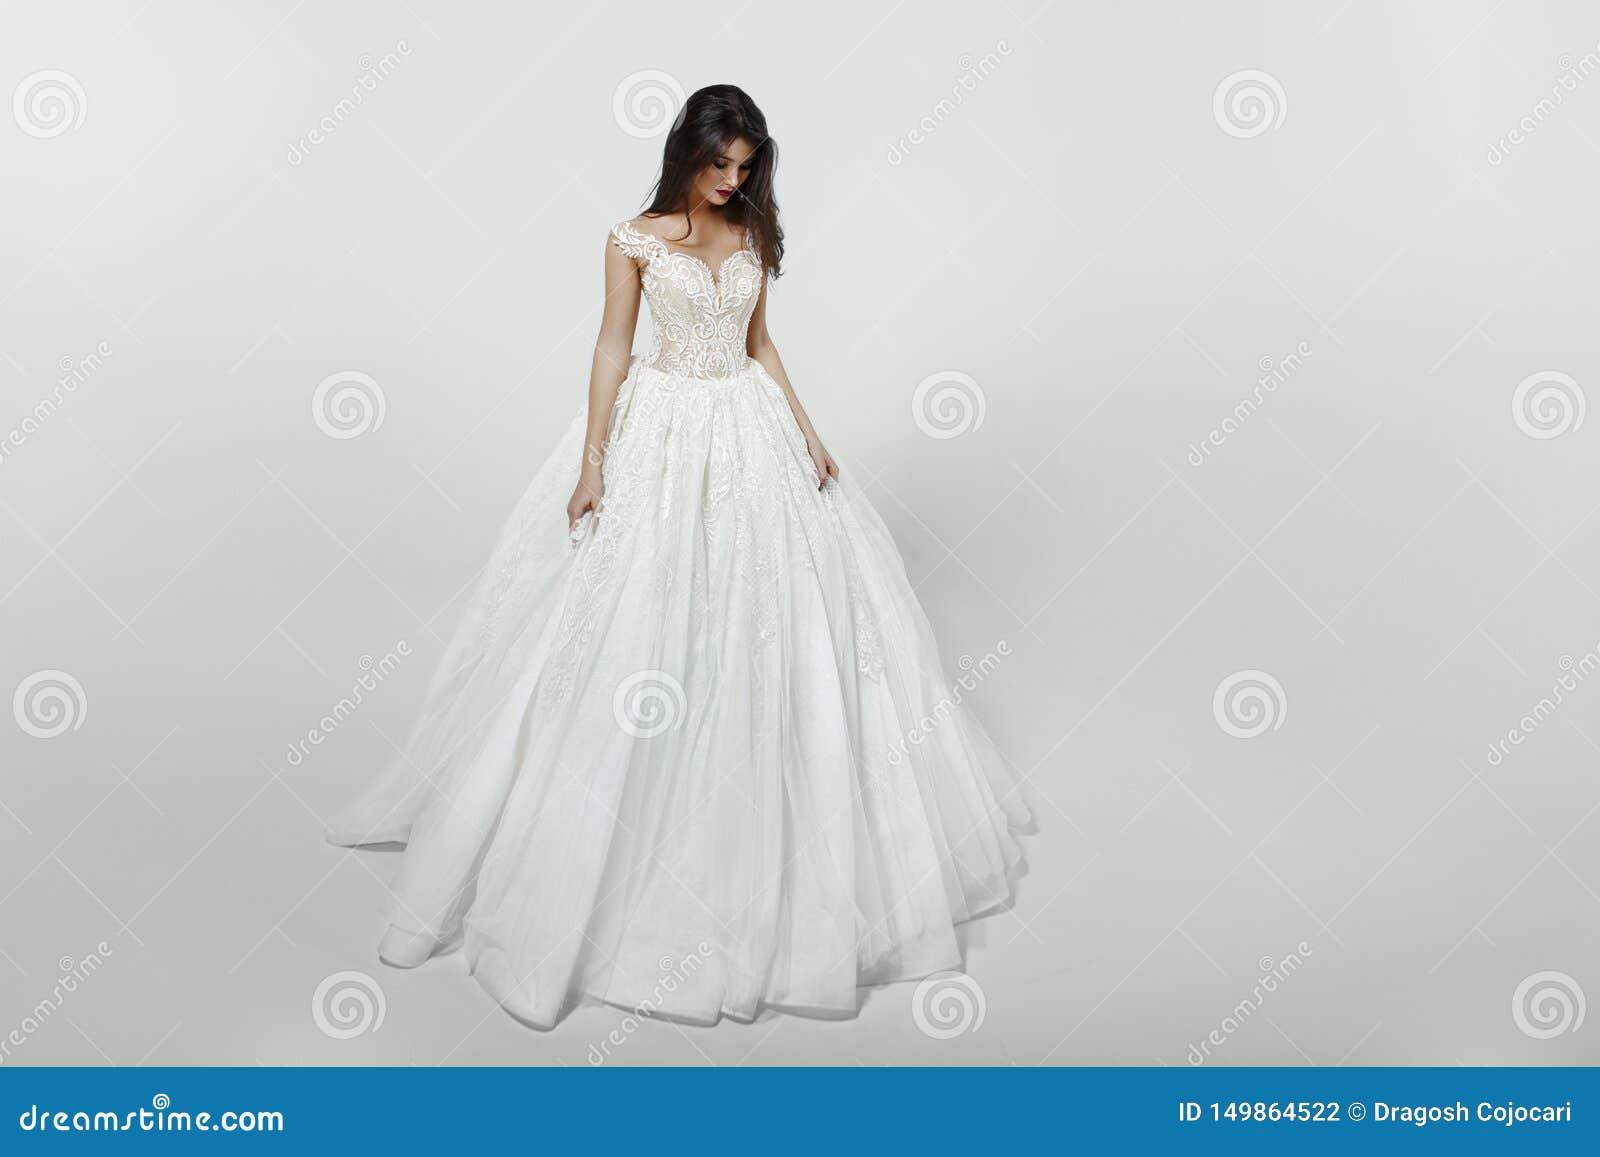 Flicka i den vita prinsessamodebröllopsklänningen som isoleras på en vit bakgrund